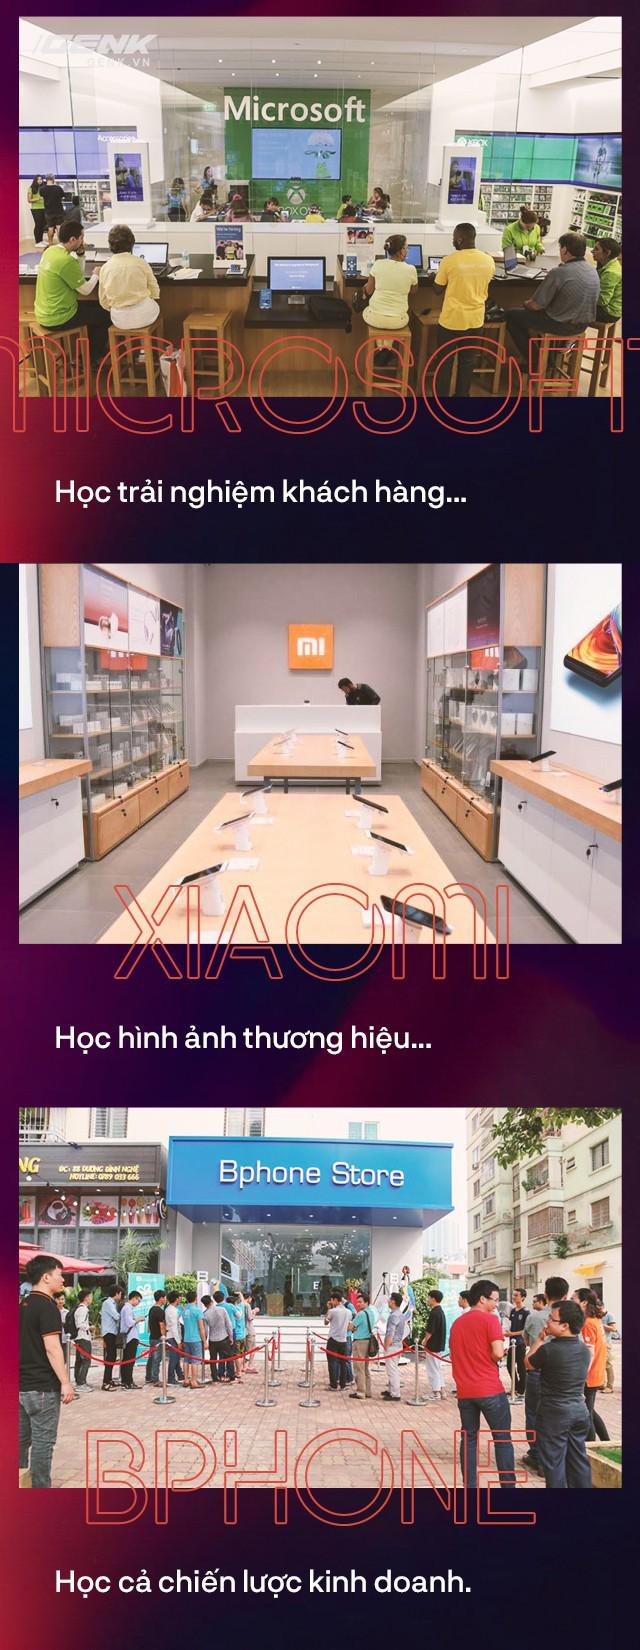 Bài học để đời: Apple Store có gì thần thánh mà hãng nào cũng học hỏi kể cả Microsoft, Samsung, Xiaomi lẫn... Bphone? - Ảnh 9.